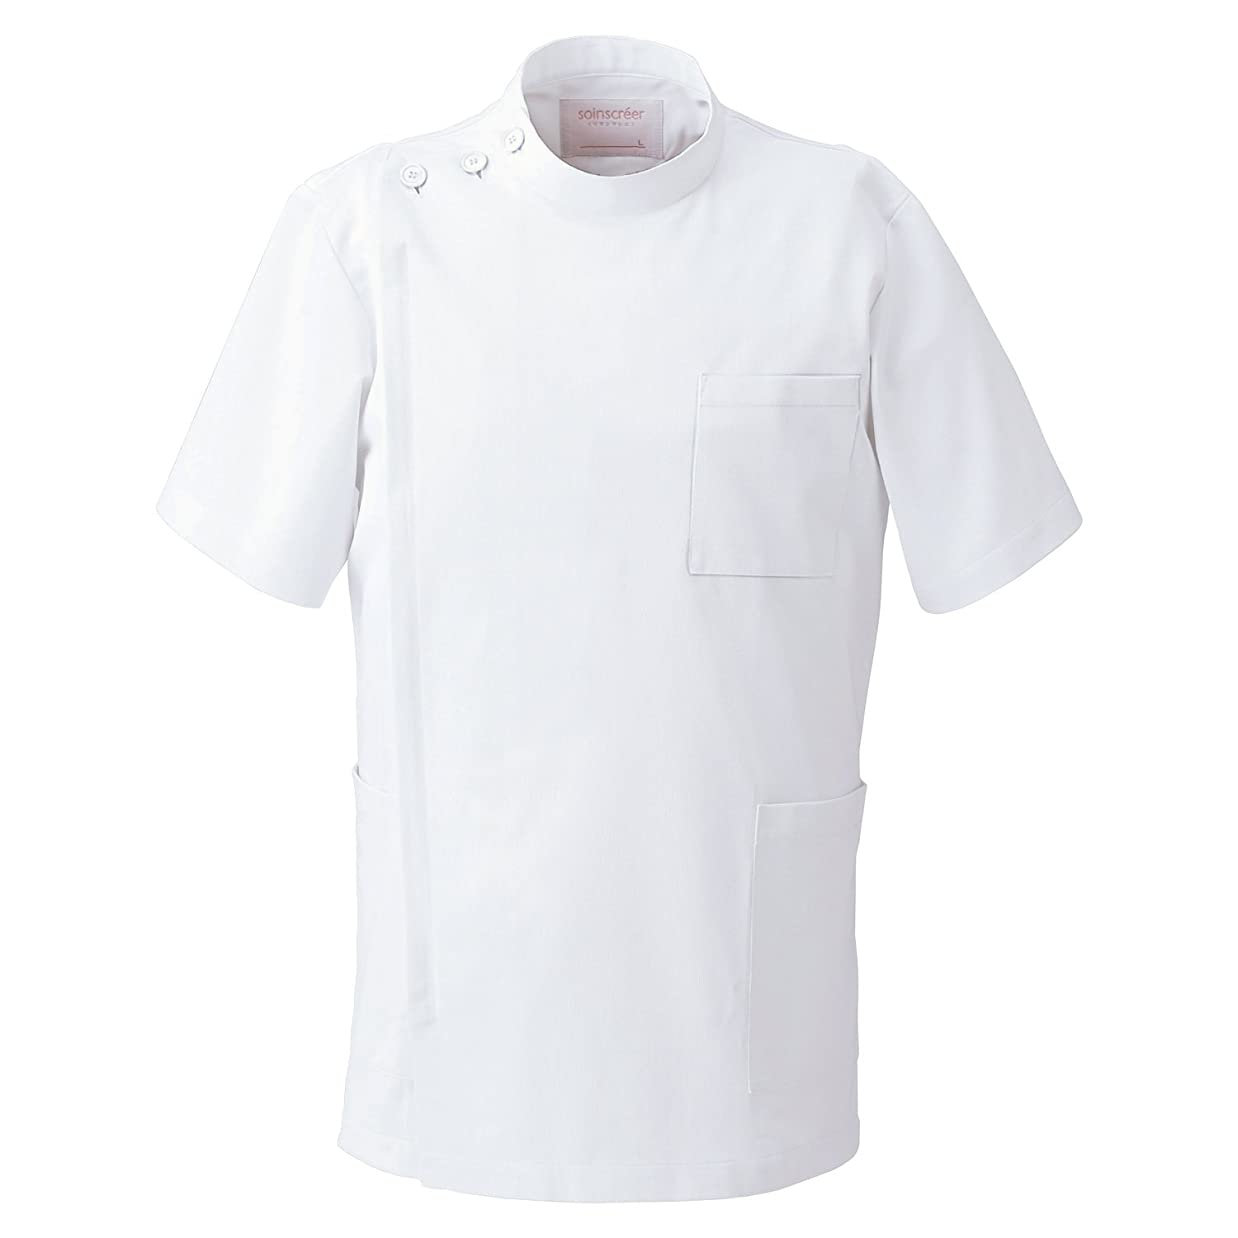 意志に反する陰気覗く[フォーク] 男子 上衣 白衣 1010CR